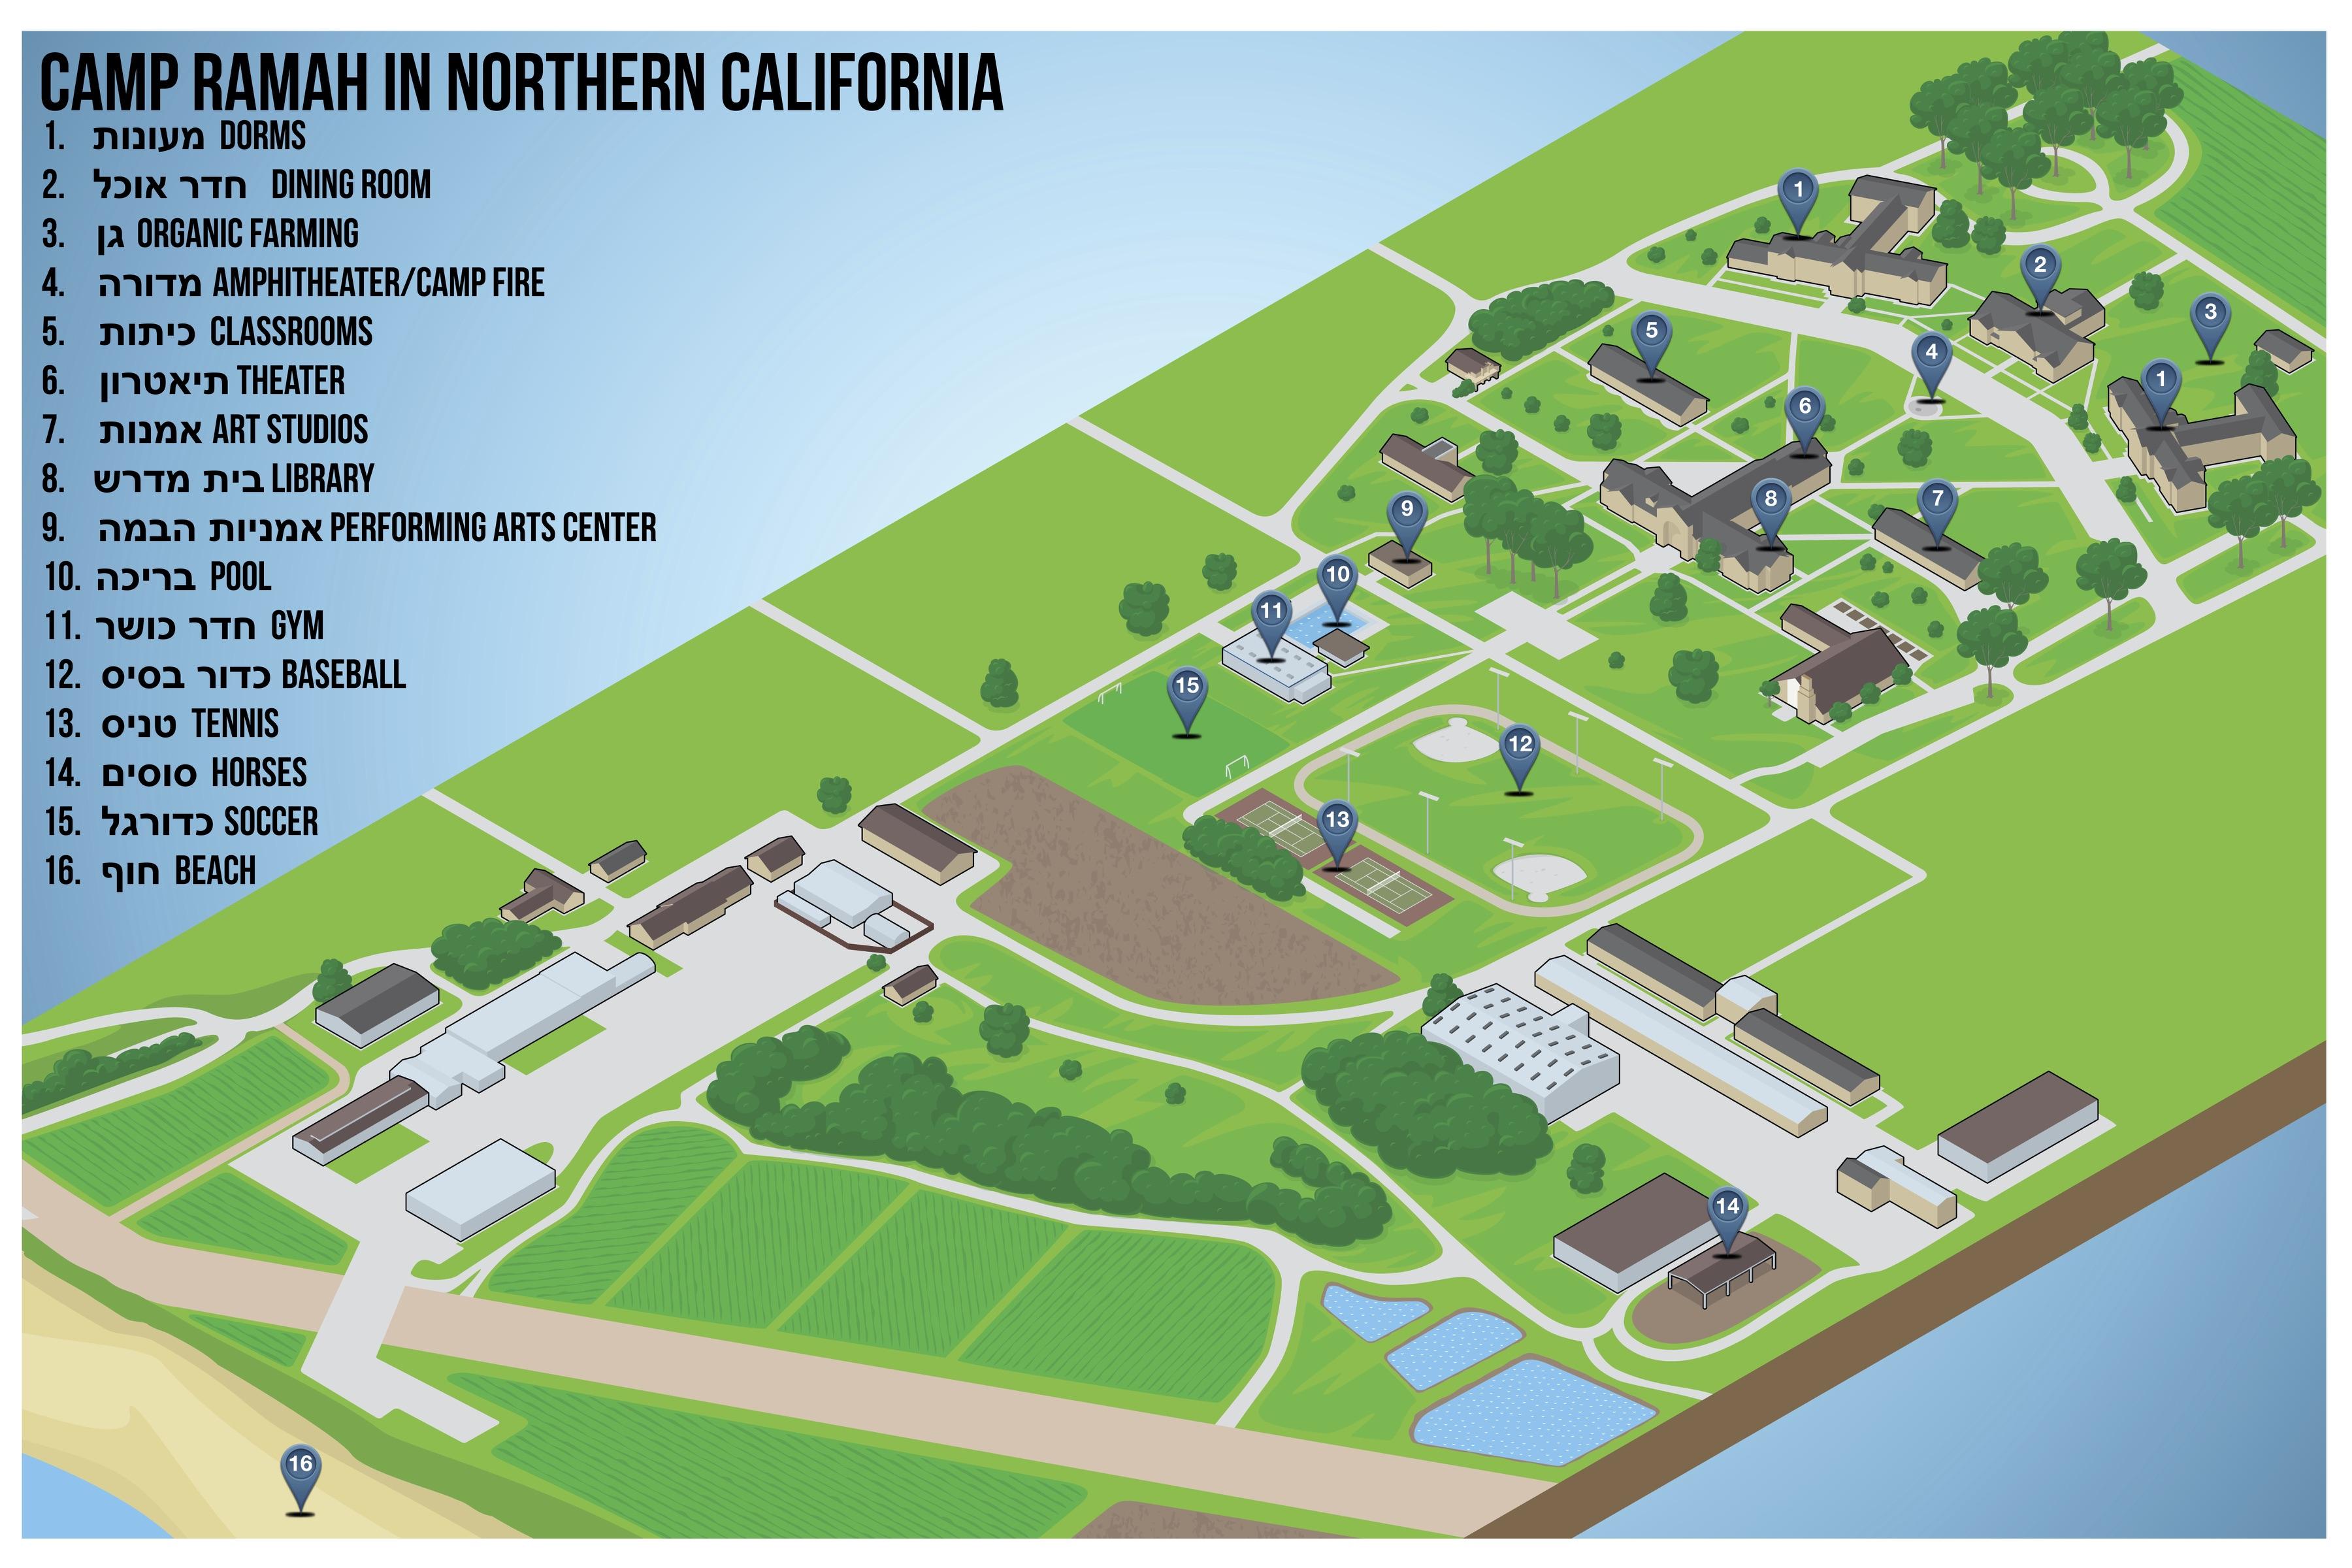 Facilities | Camp Ramah Northern California - Map Of Northern California Campgrounds